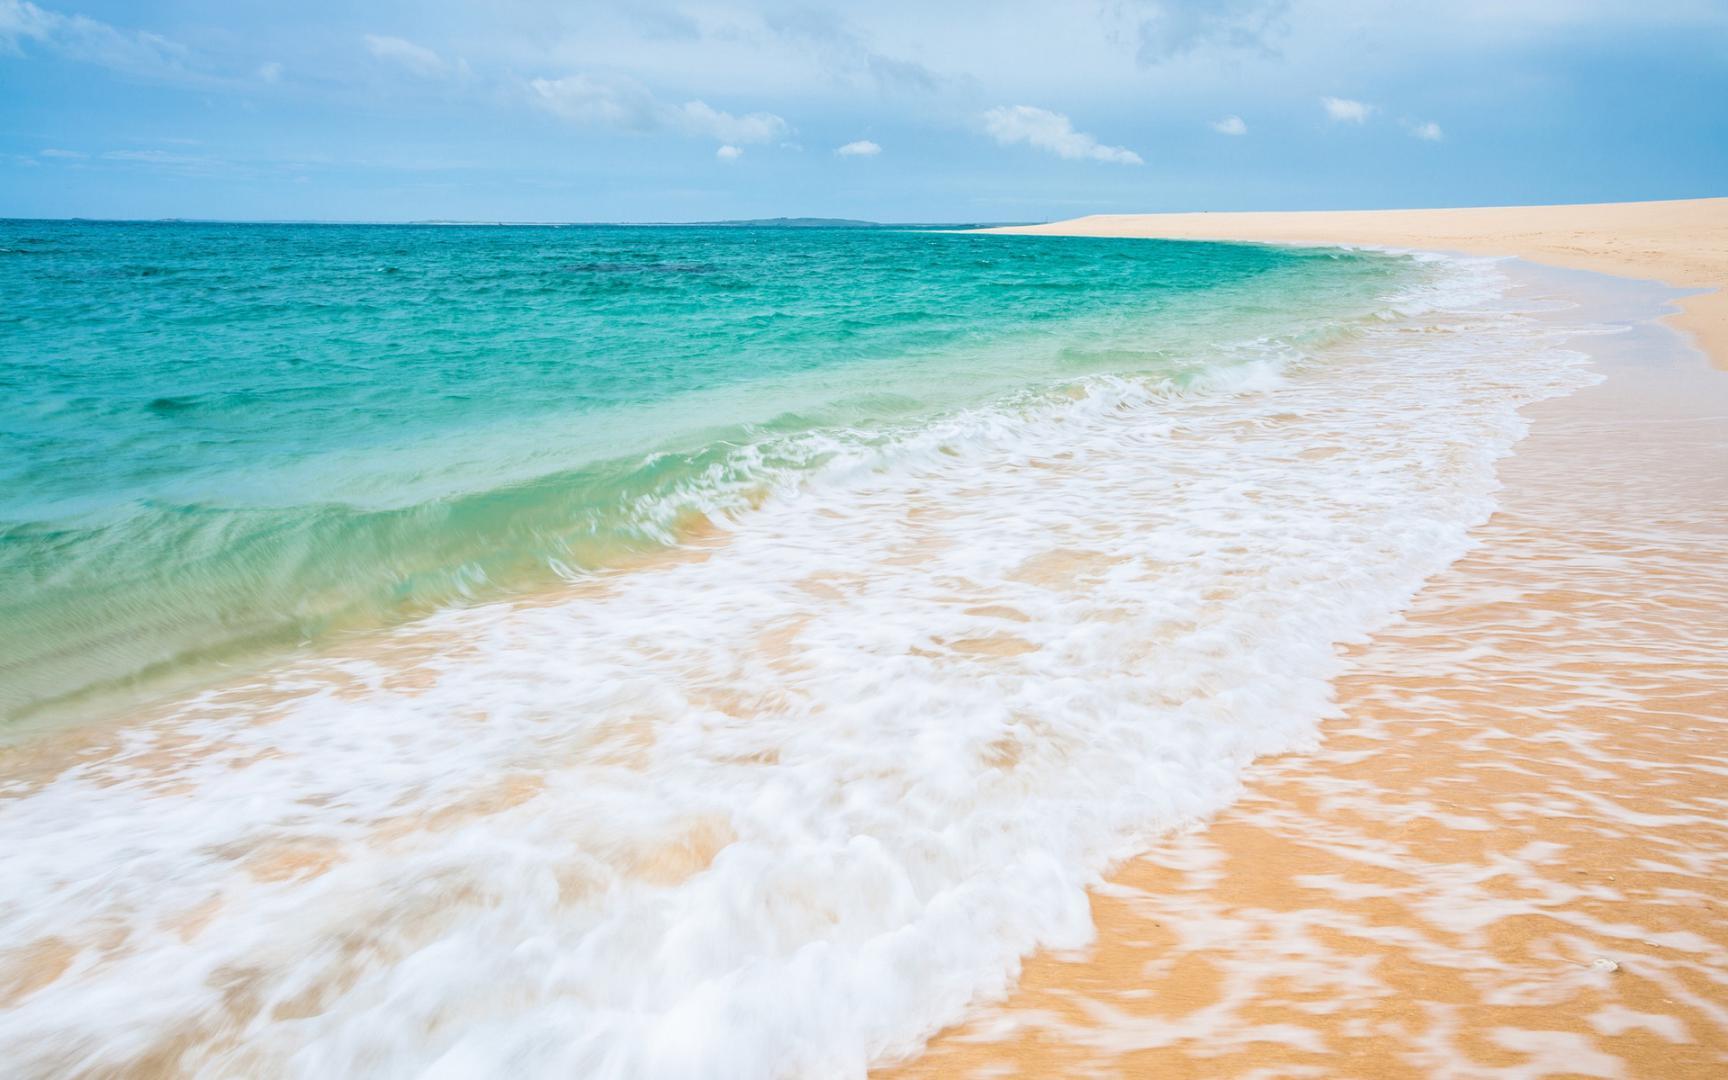 Дикий пляж на море, песок, волны, 1920 на 1200 пикселей